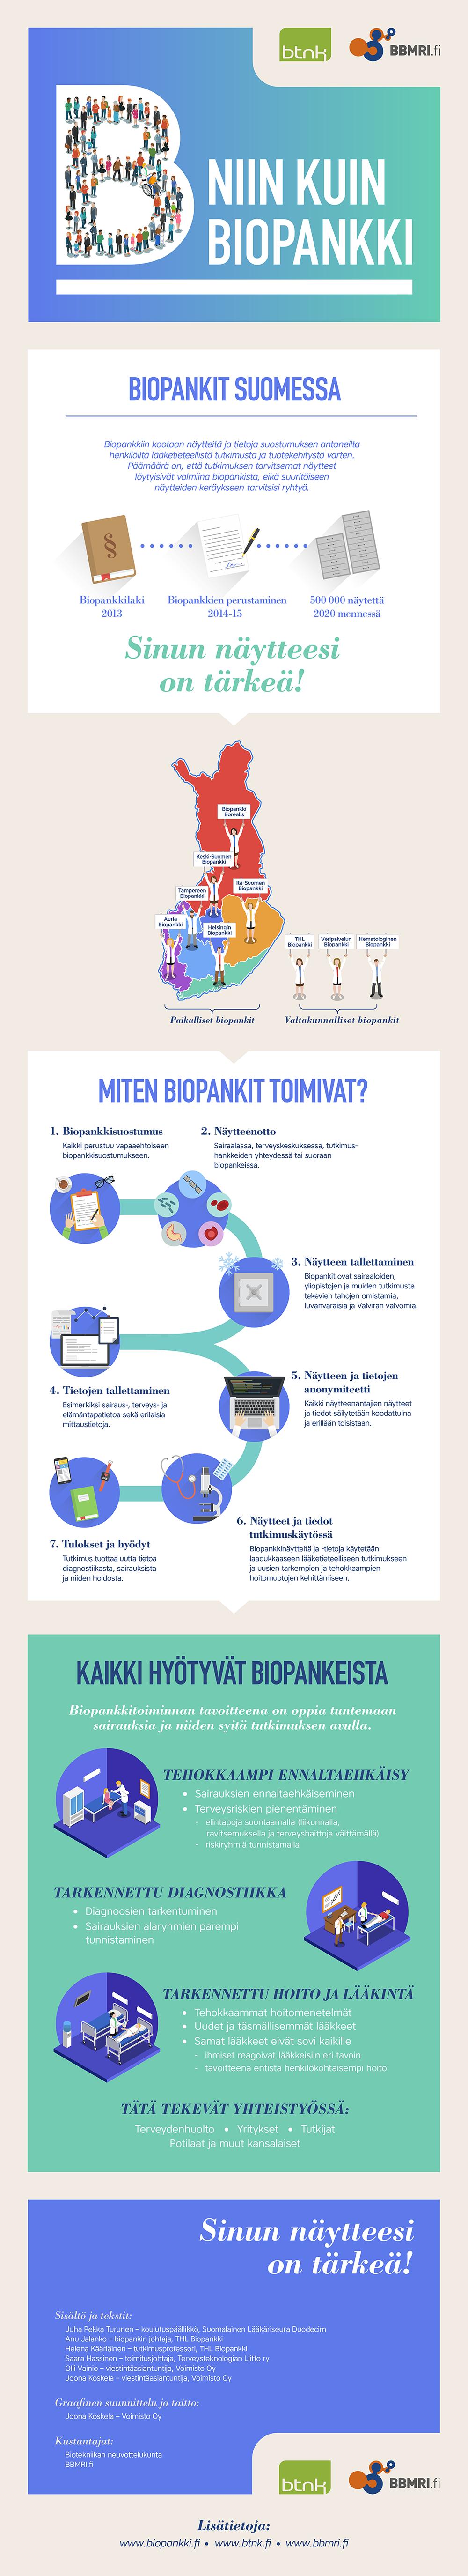 B niin kuin biopankki -infograafi-s